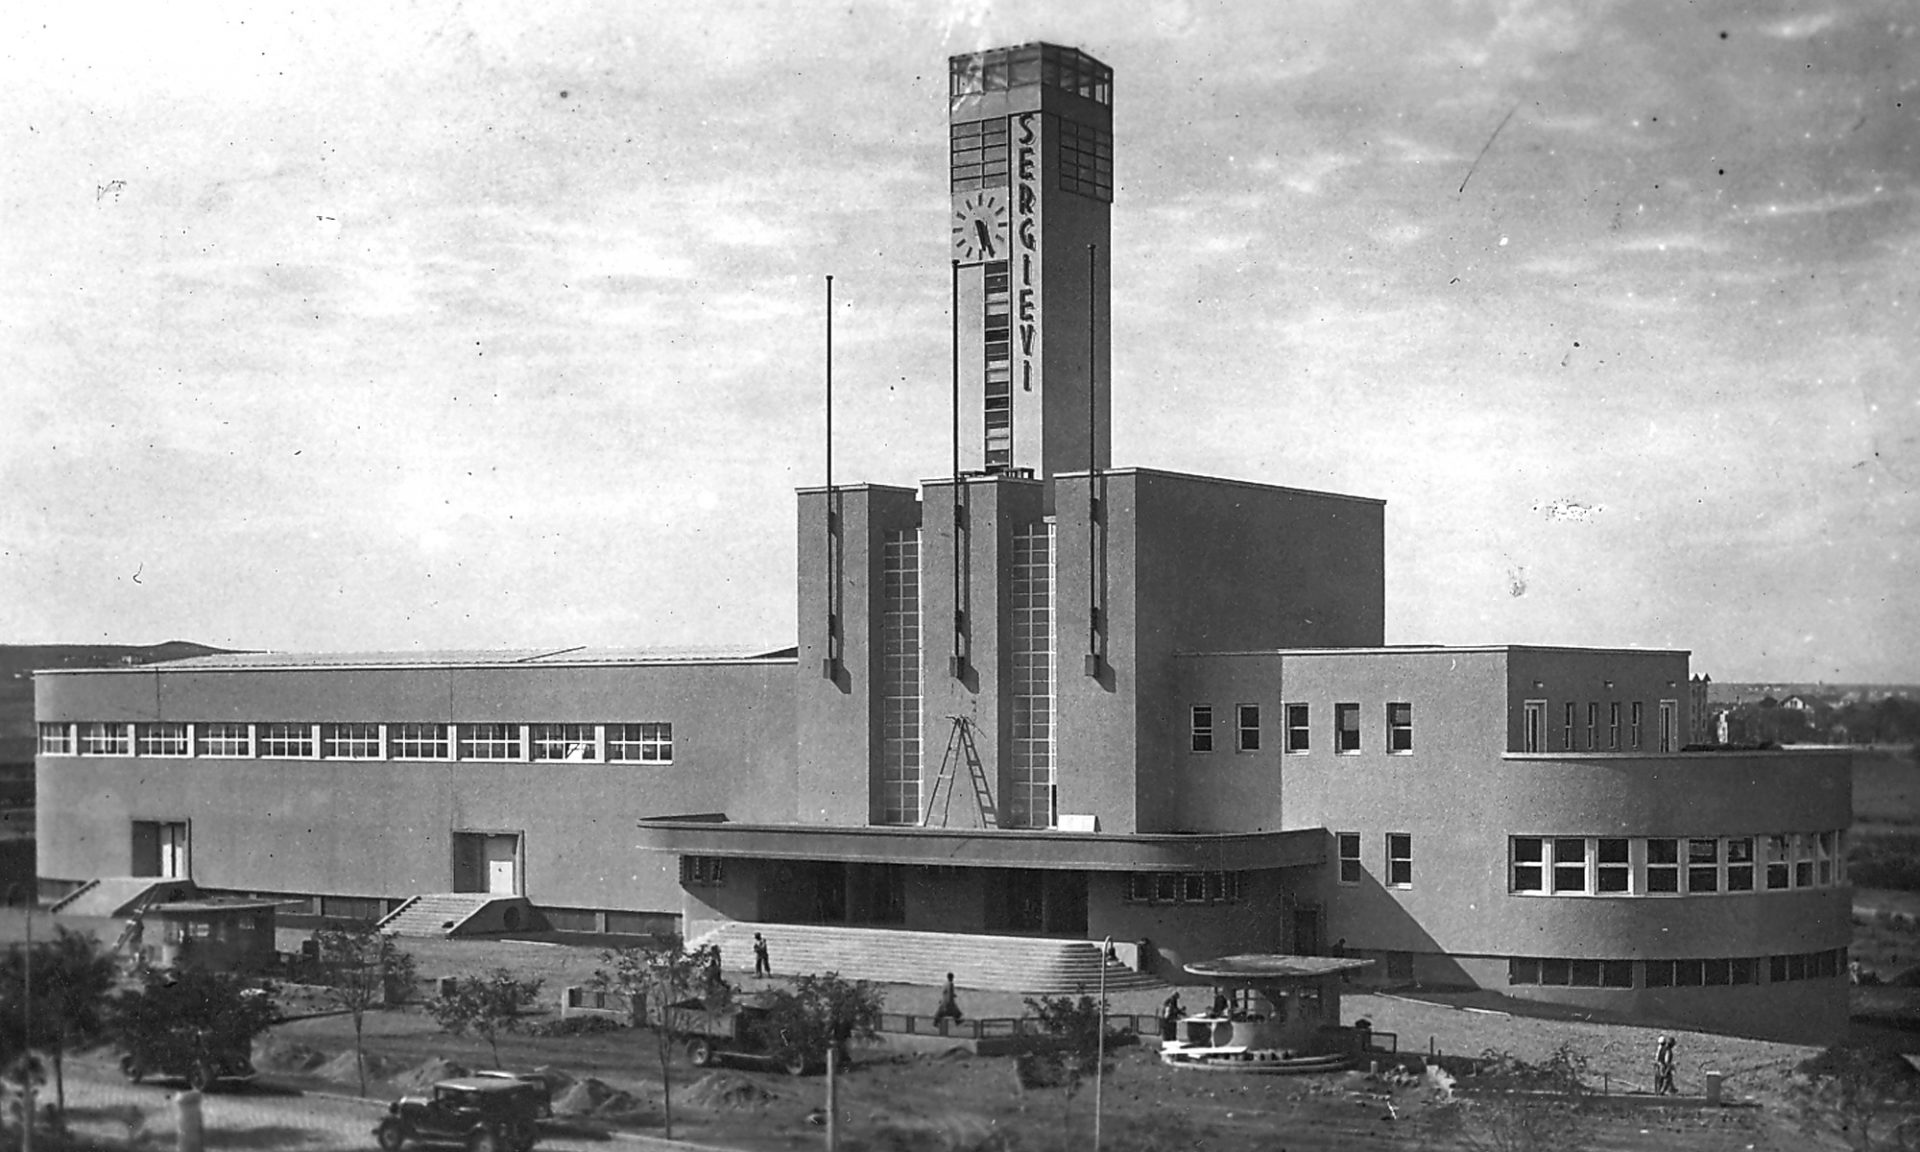 Bedeutender Beitrag von Şevki Balmumcu zur türkischen Moderne.  Das staatliche Ausstellungszentrum, errichtet 1934 in der Frührepublik. Neoklassischer Umbau zur Staatsoper von Paul Bonatz 1948.